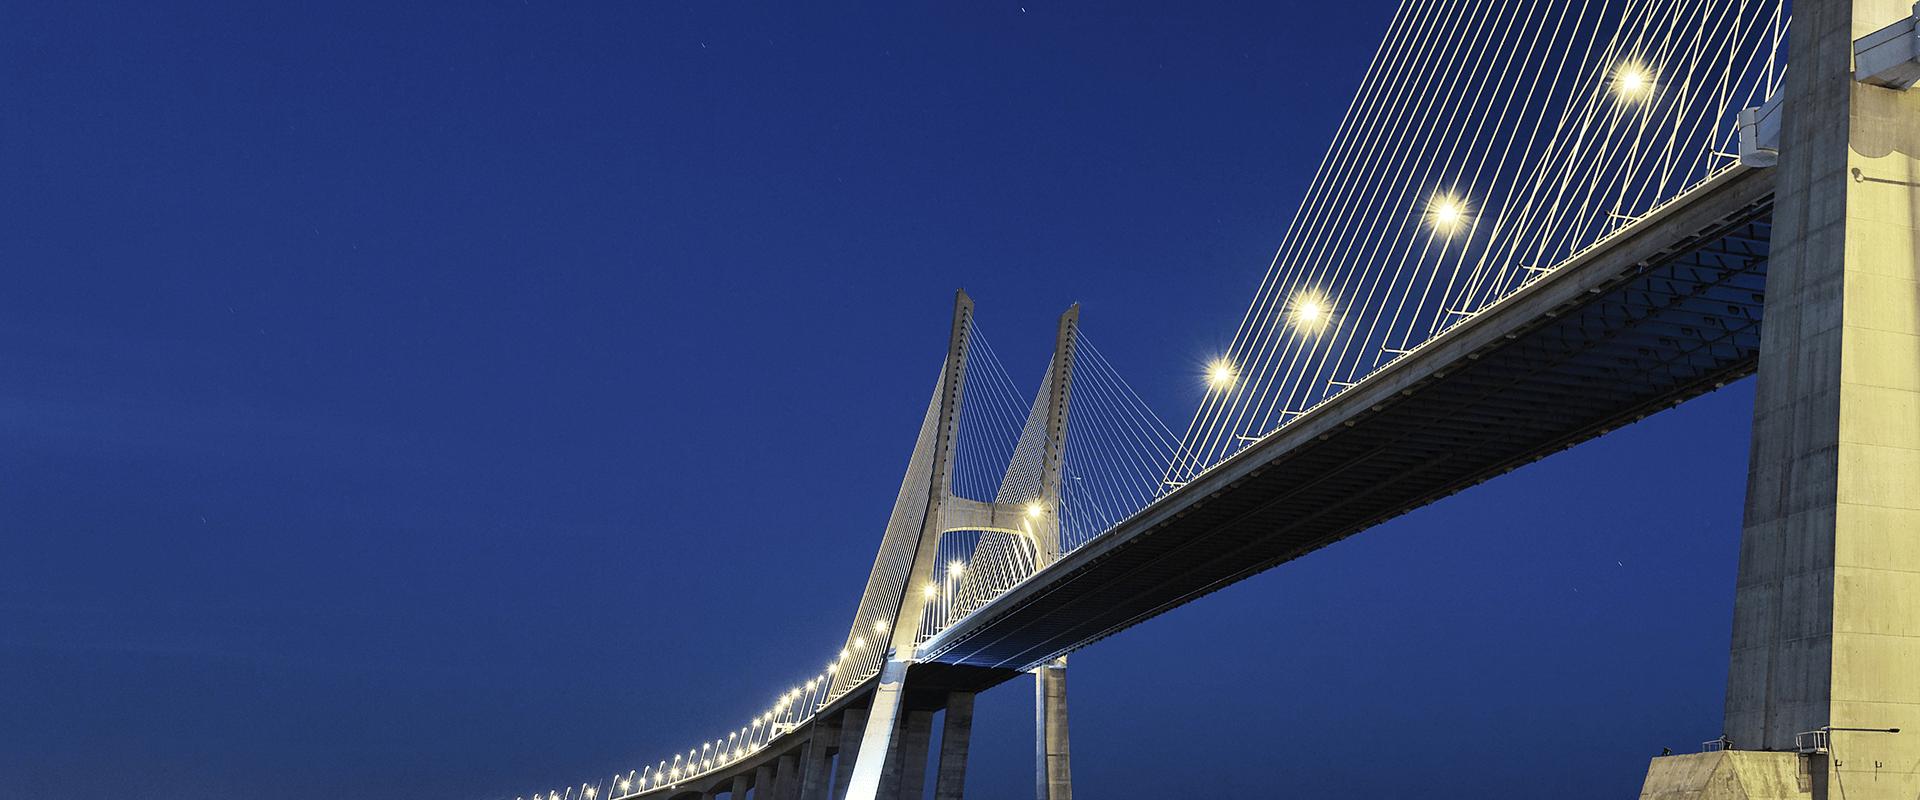 bridge showing solution implemetation